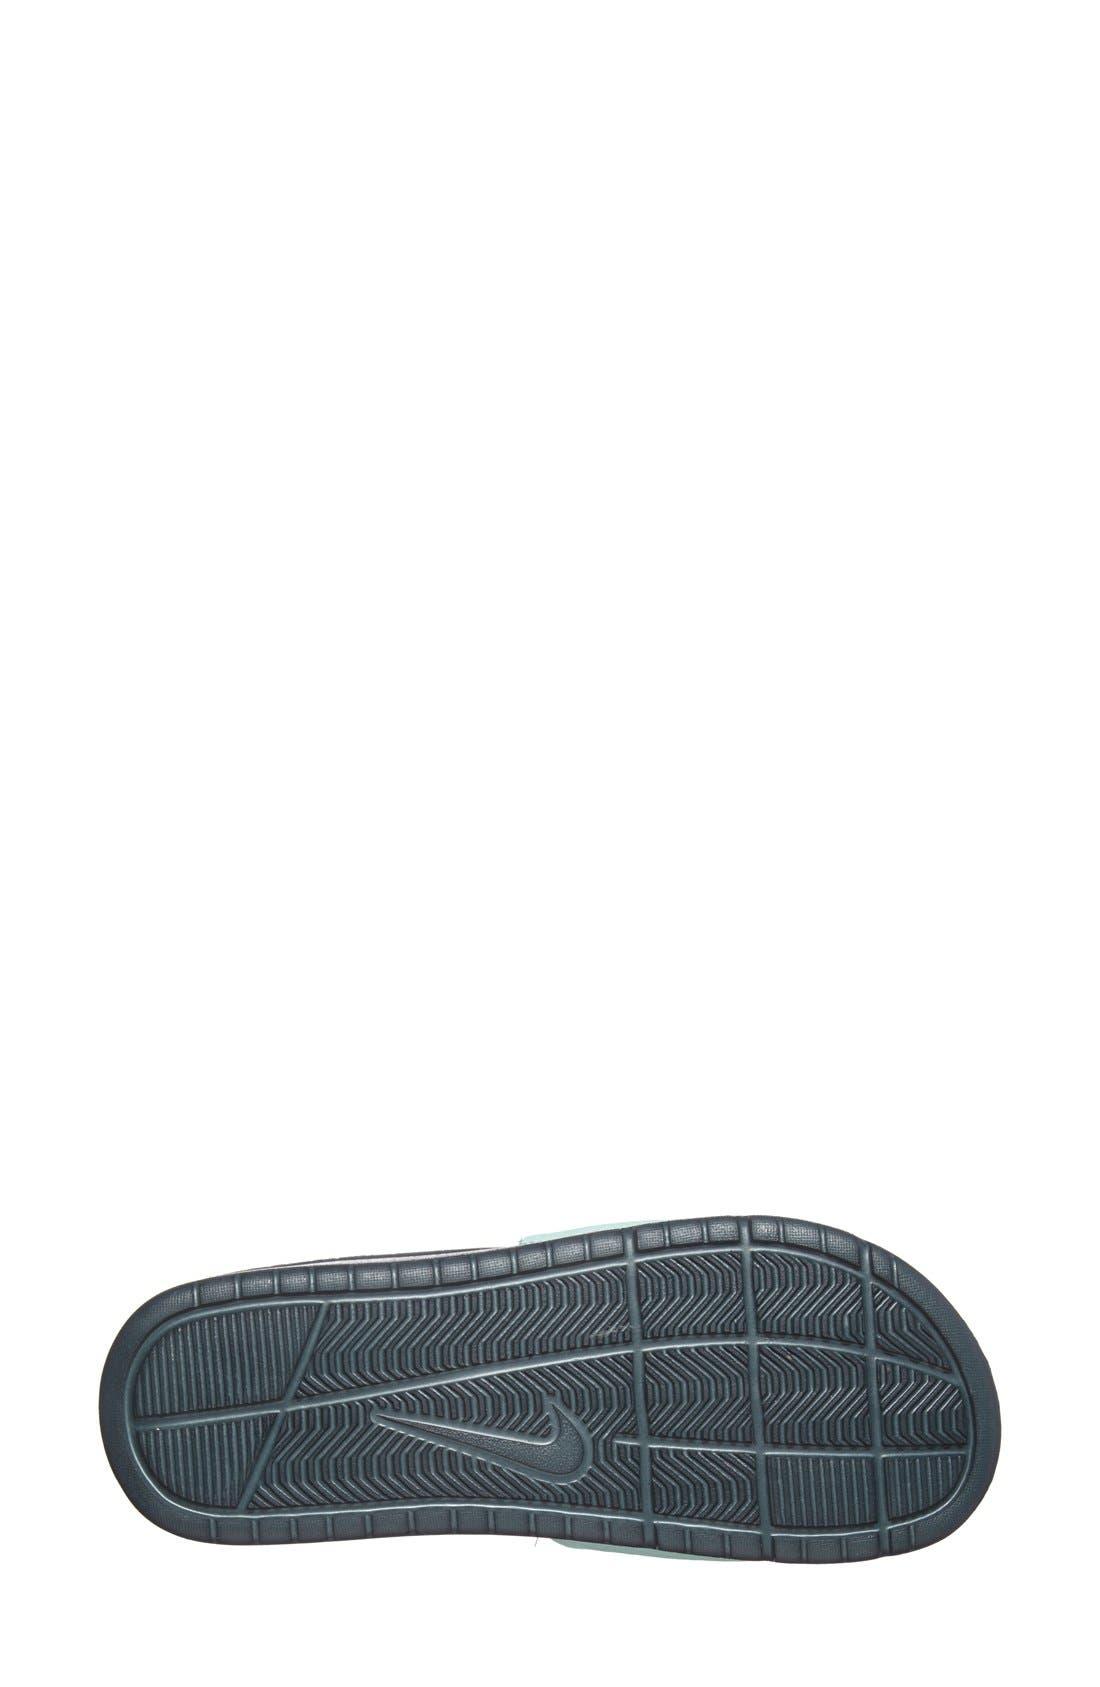 Alternate Image 4  - Nike 'Benassi - Solarsoft' Slide Sandal (Women)